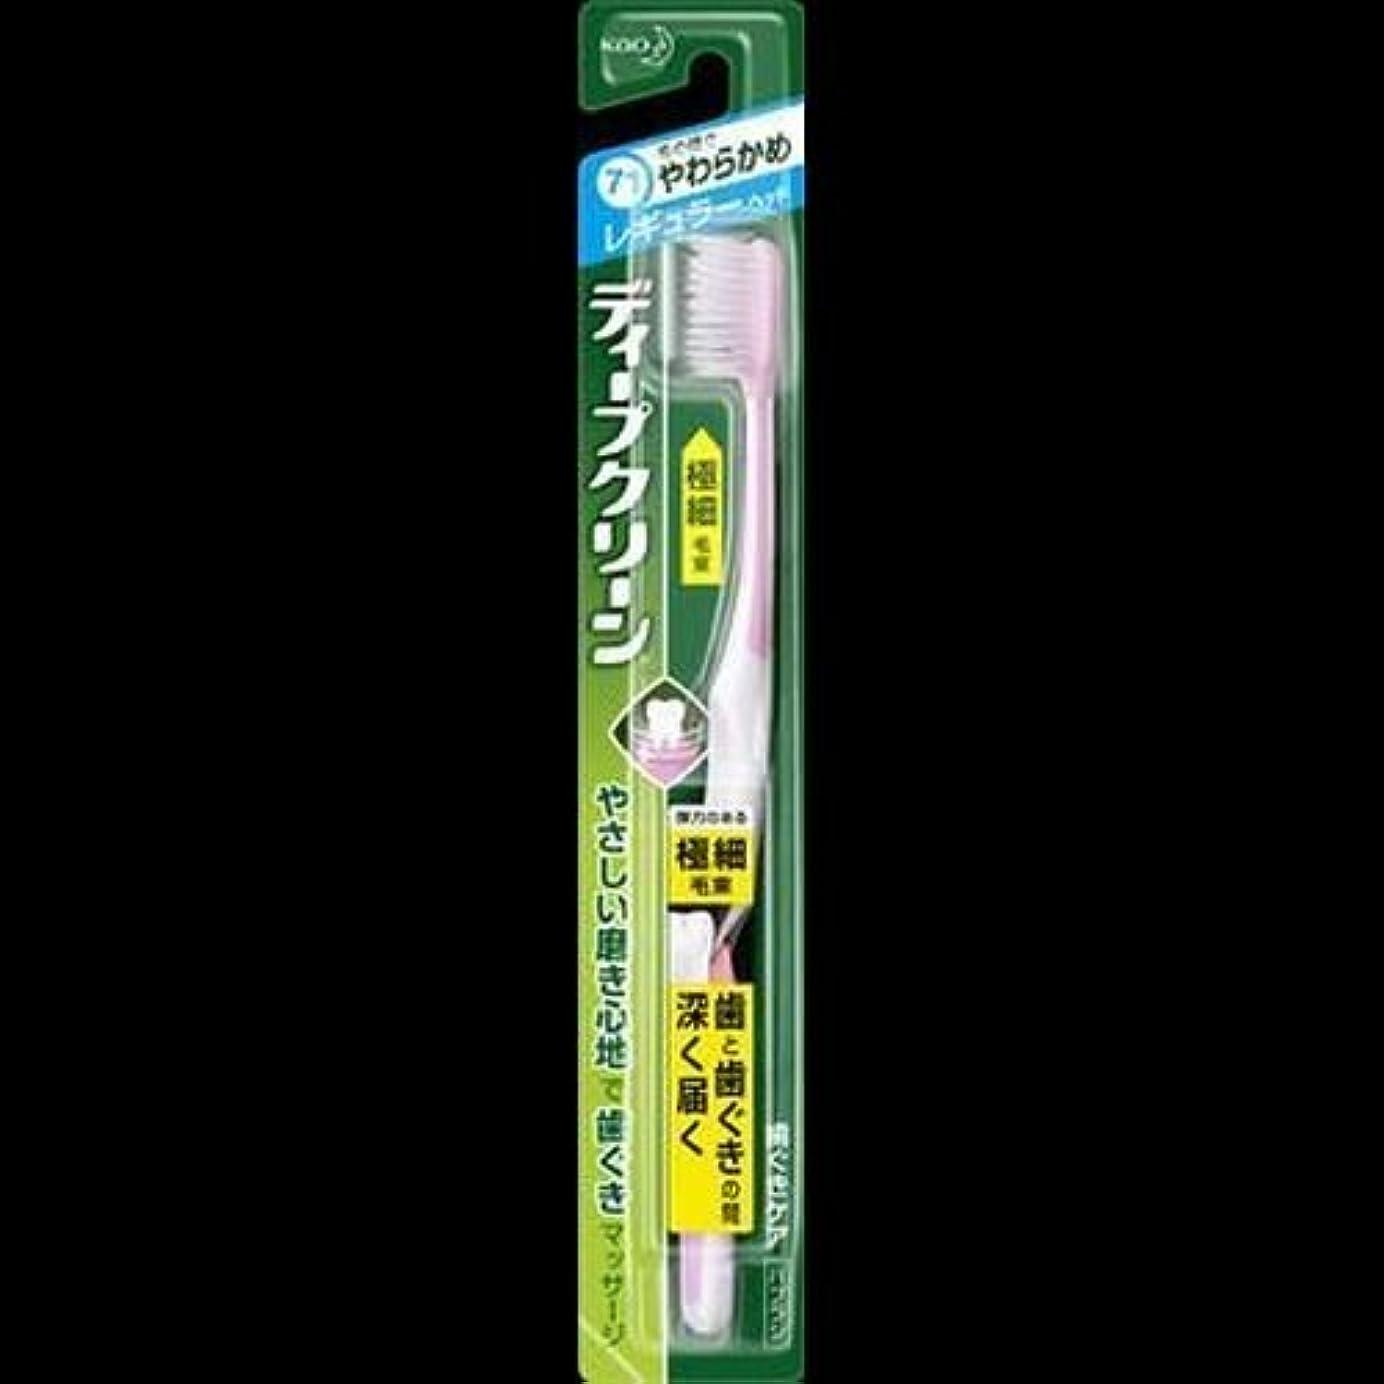 いっぱい凍った日光【まとめ買い】ディープクリーン ハブラシ レギュラー やわらかめ ×2セット